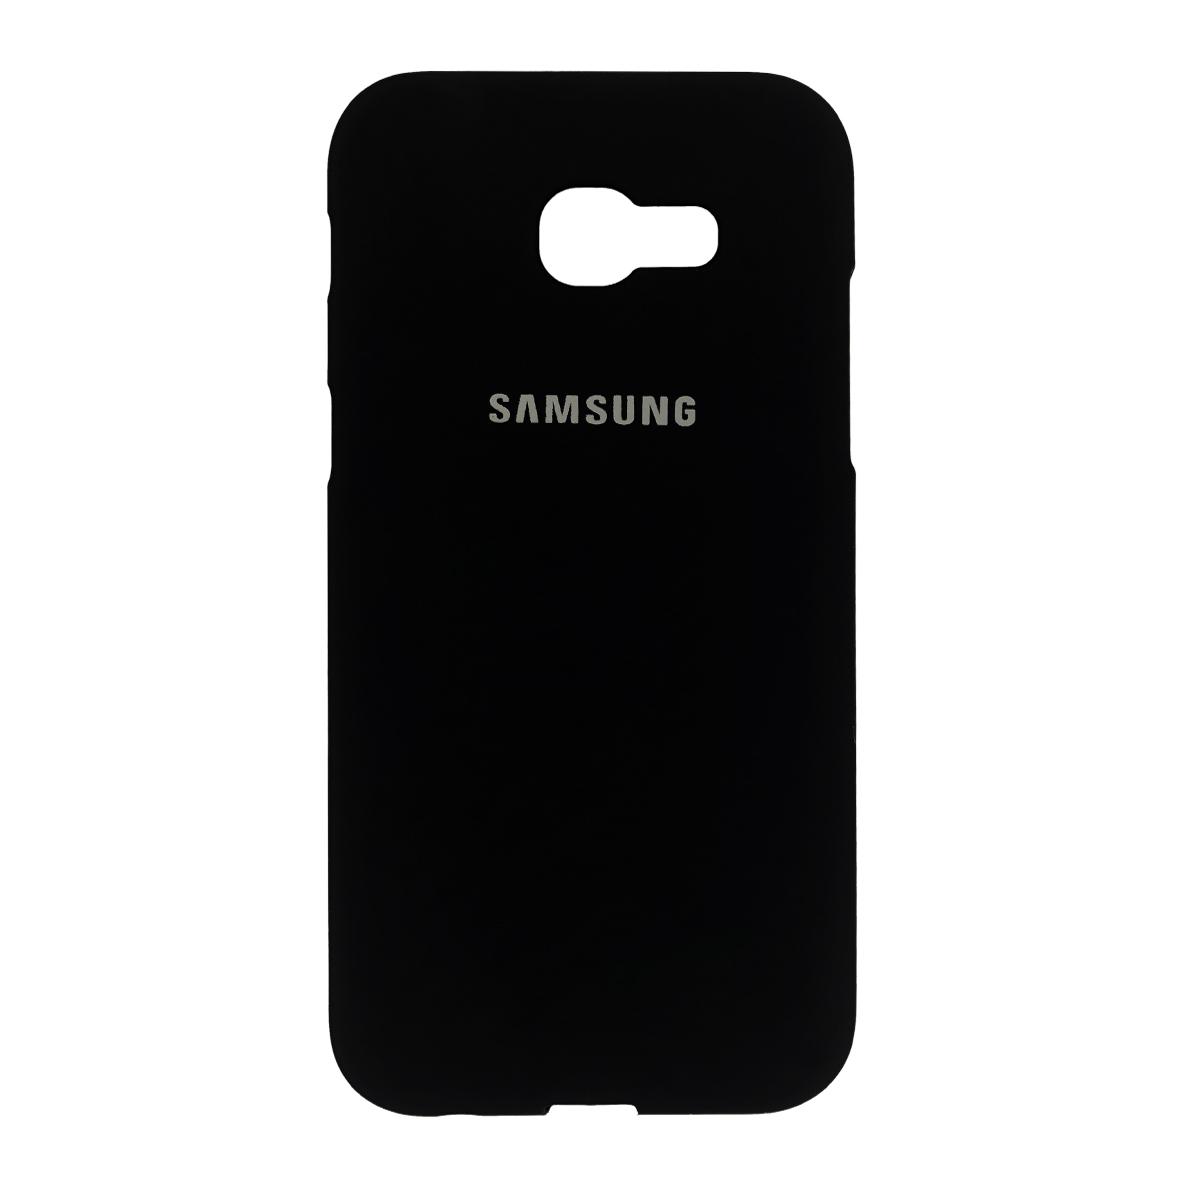 کاور مدل SL1 مناسب برای گوشی موبایل سامسونگ Galaxy A5 2017              ( قیمت و خرید)